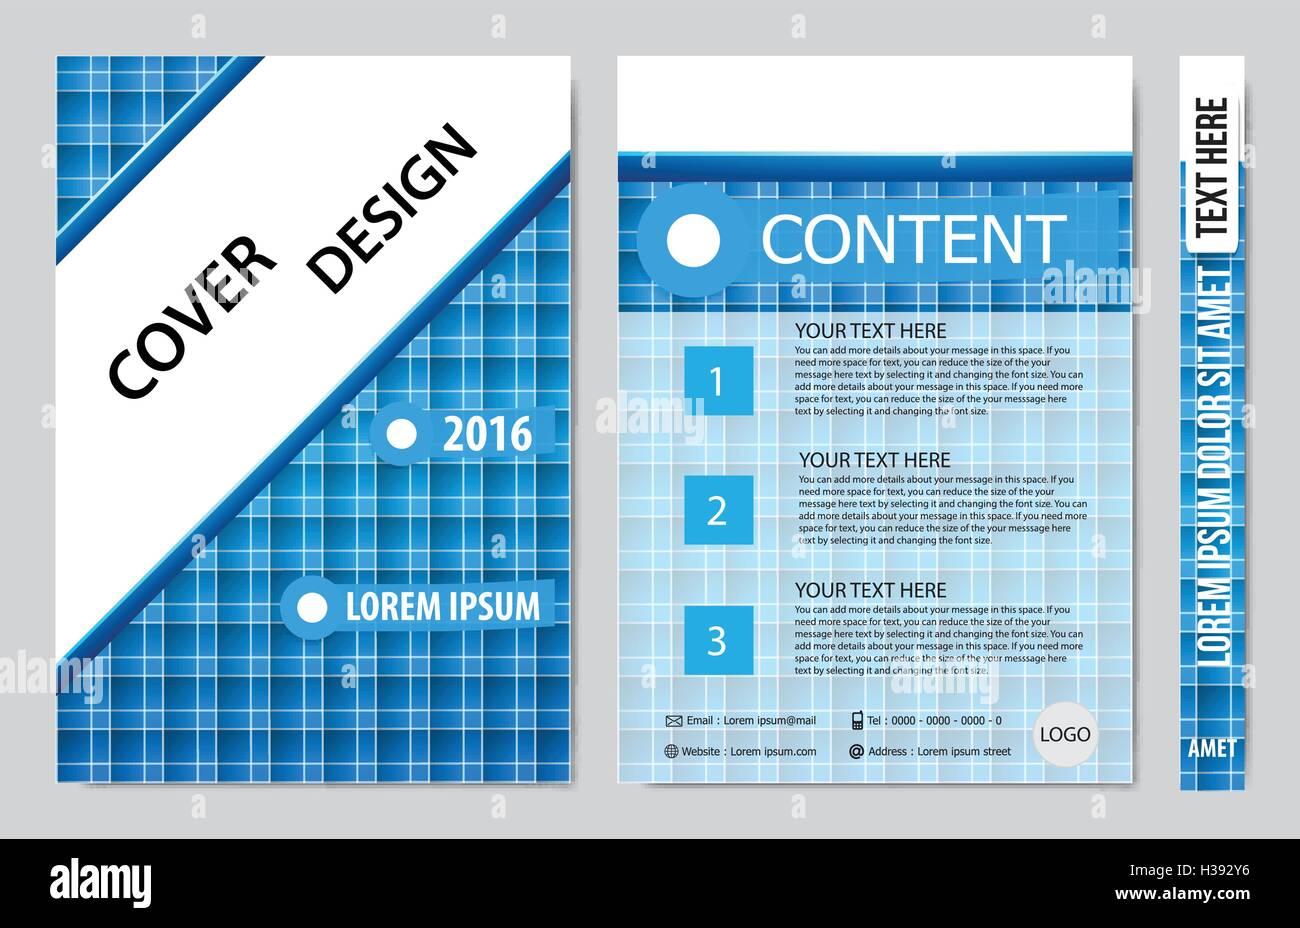 Buch-Präsentation-Layout-Design-Vorlage-Hintergrund zu decken Vektor ...